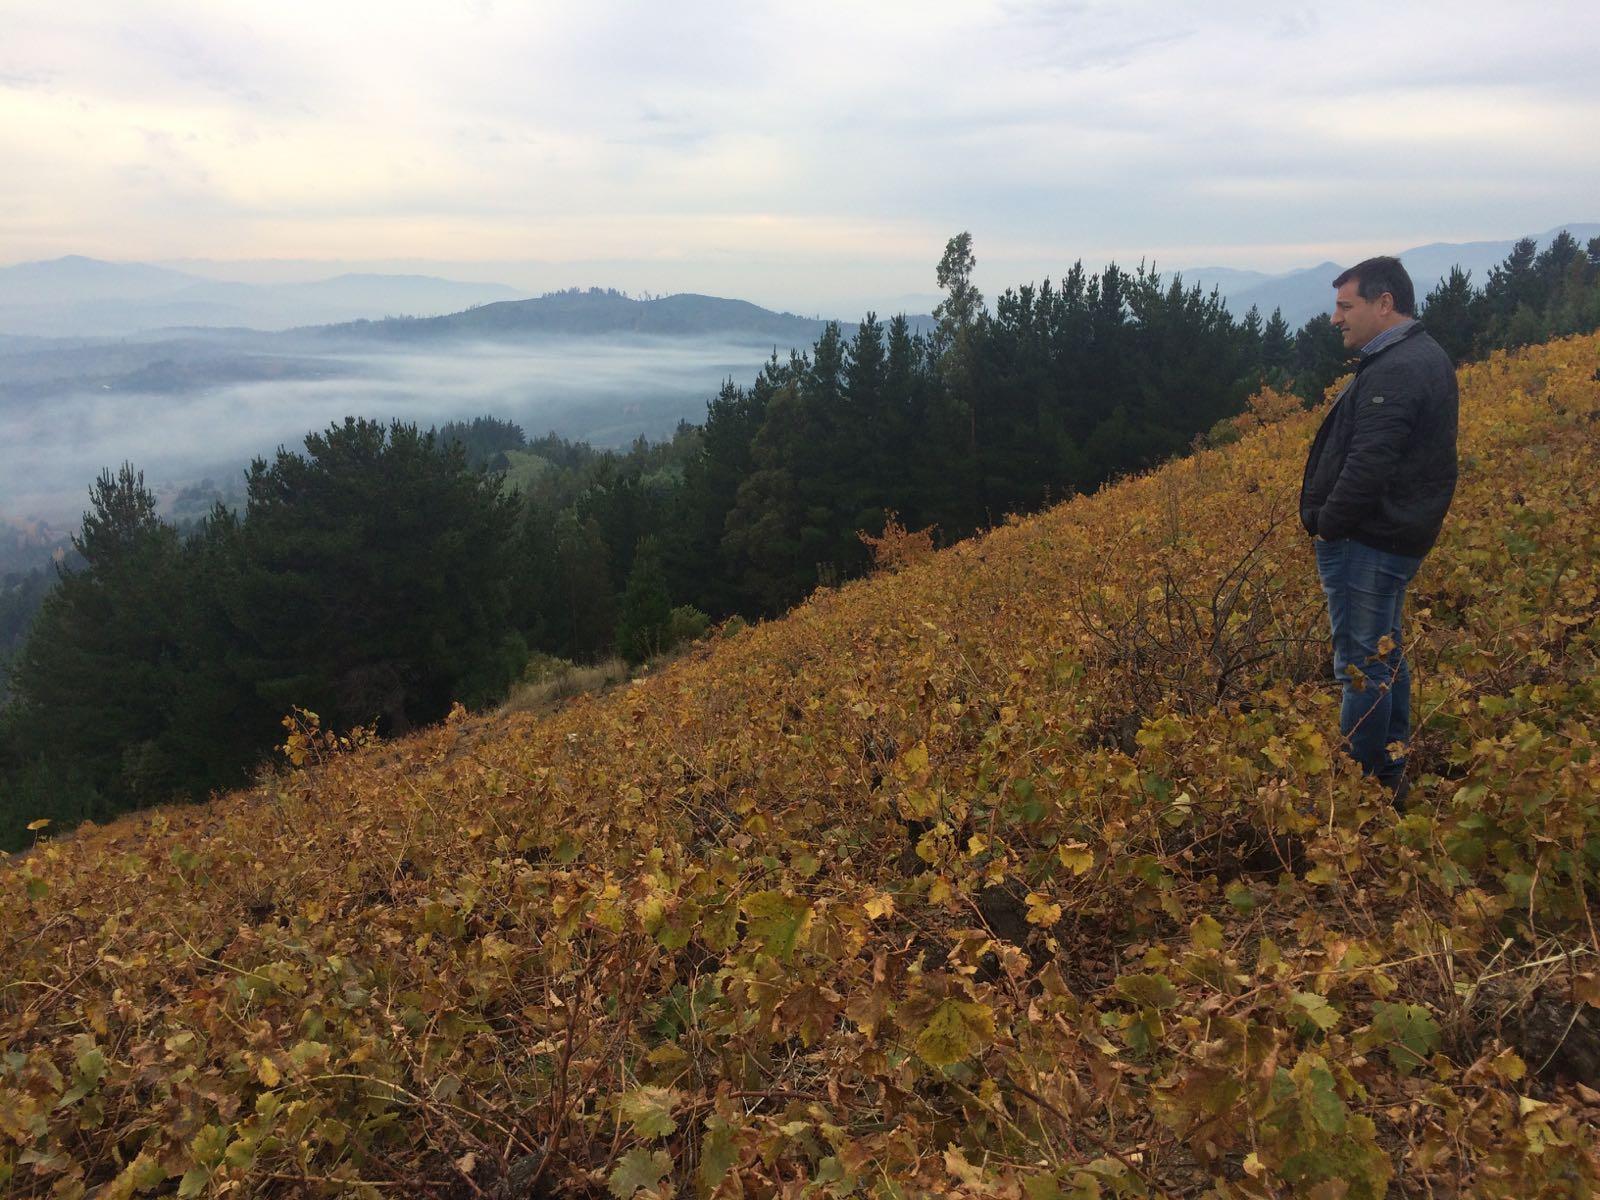 Fotografía de Josep Roca observa la vista panorámica del valle del río Itata desde lo alto de una viña salvaje en el municipio de Huarilihue Chile- gira BBVA- El Celler de Can Roca